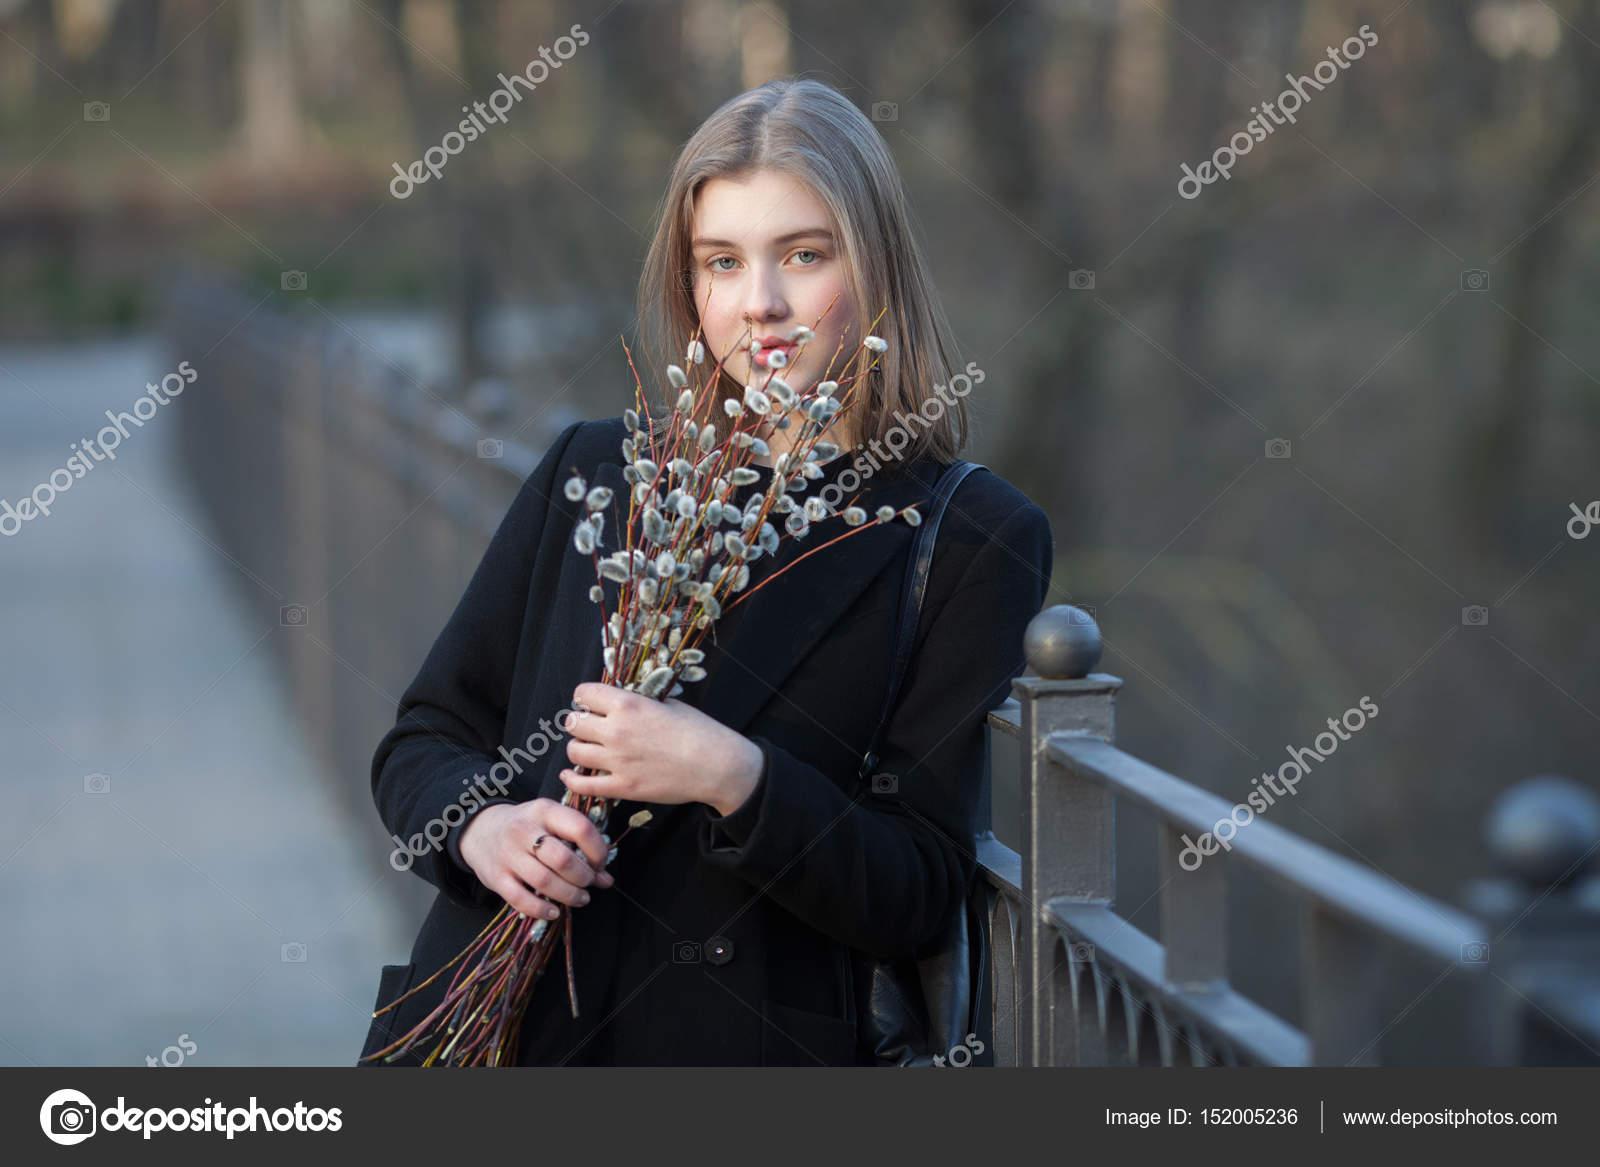 figa foto di giovani adolescenti